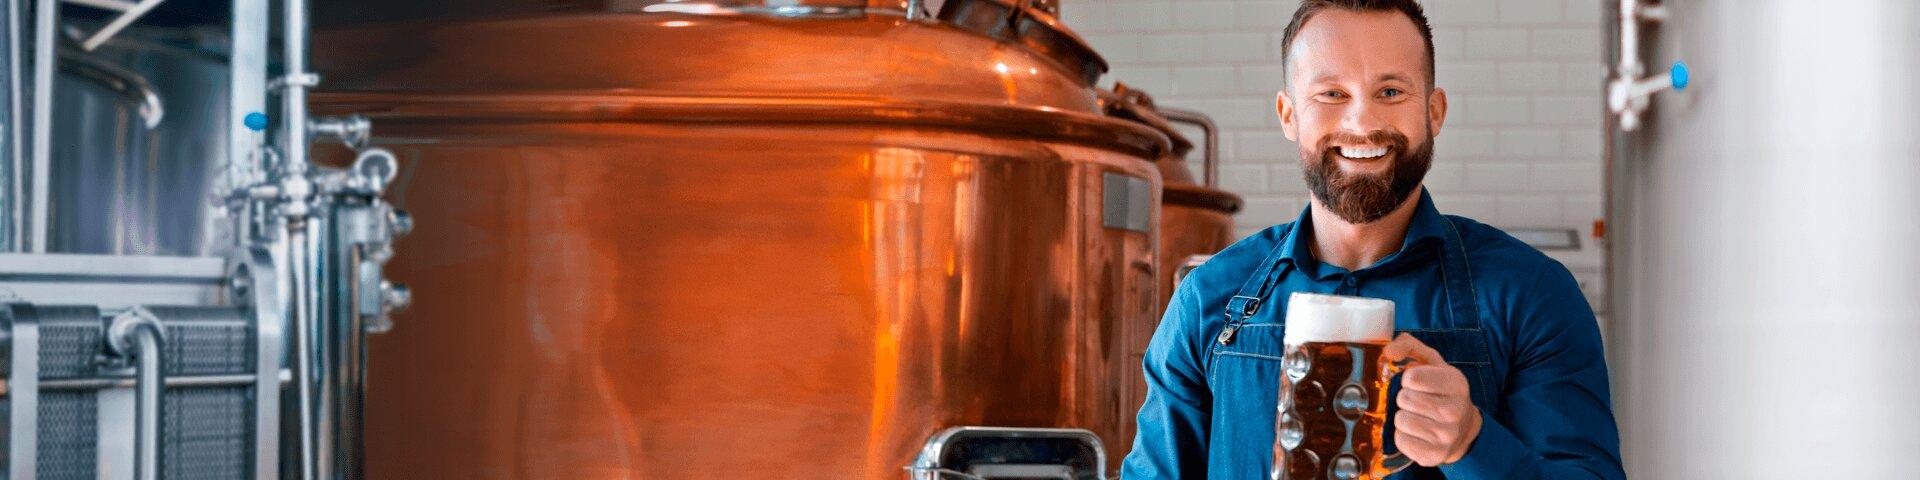 elaboracion-cerveza-artesanal-alfalaval